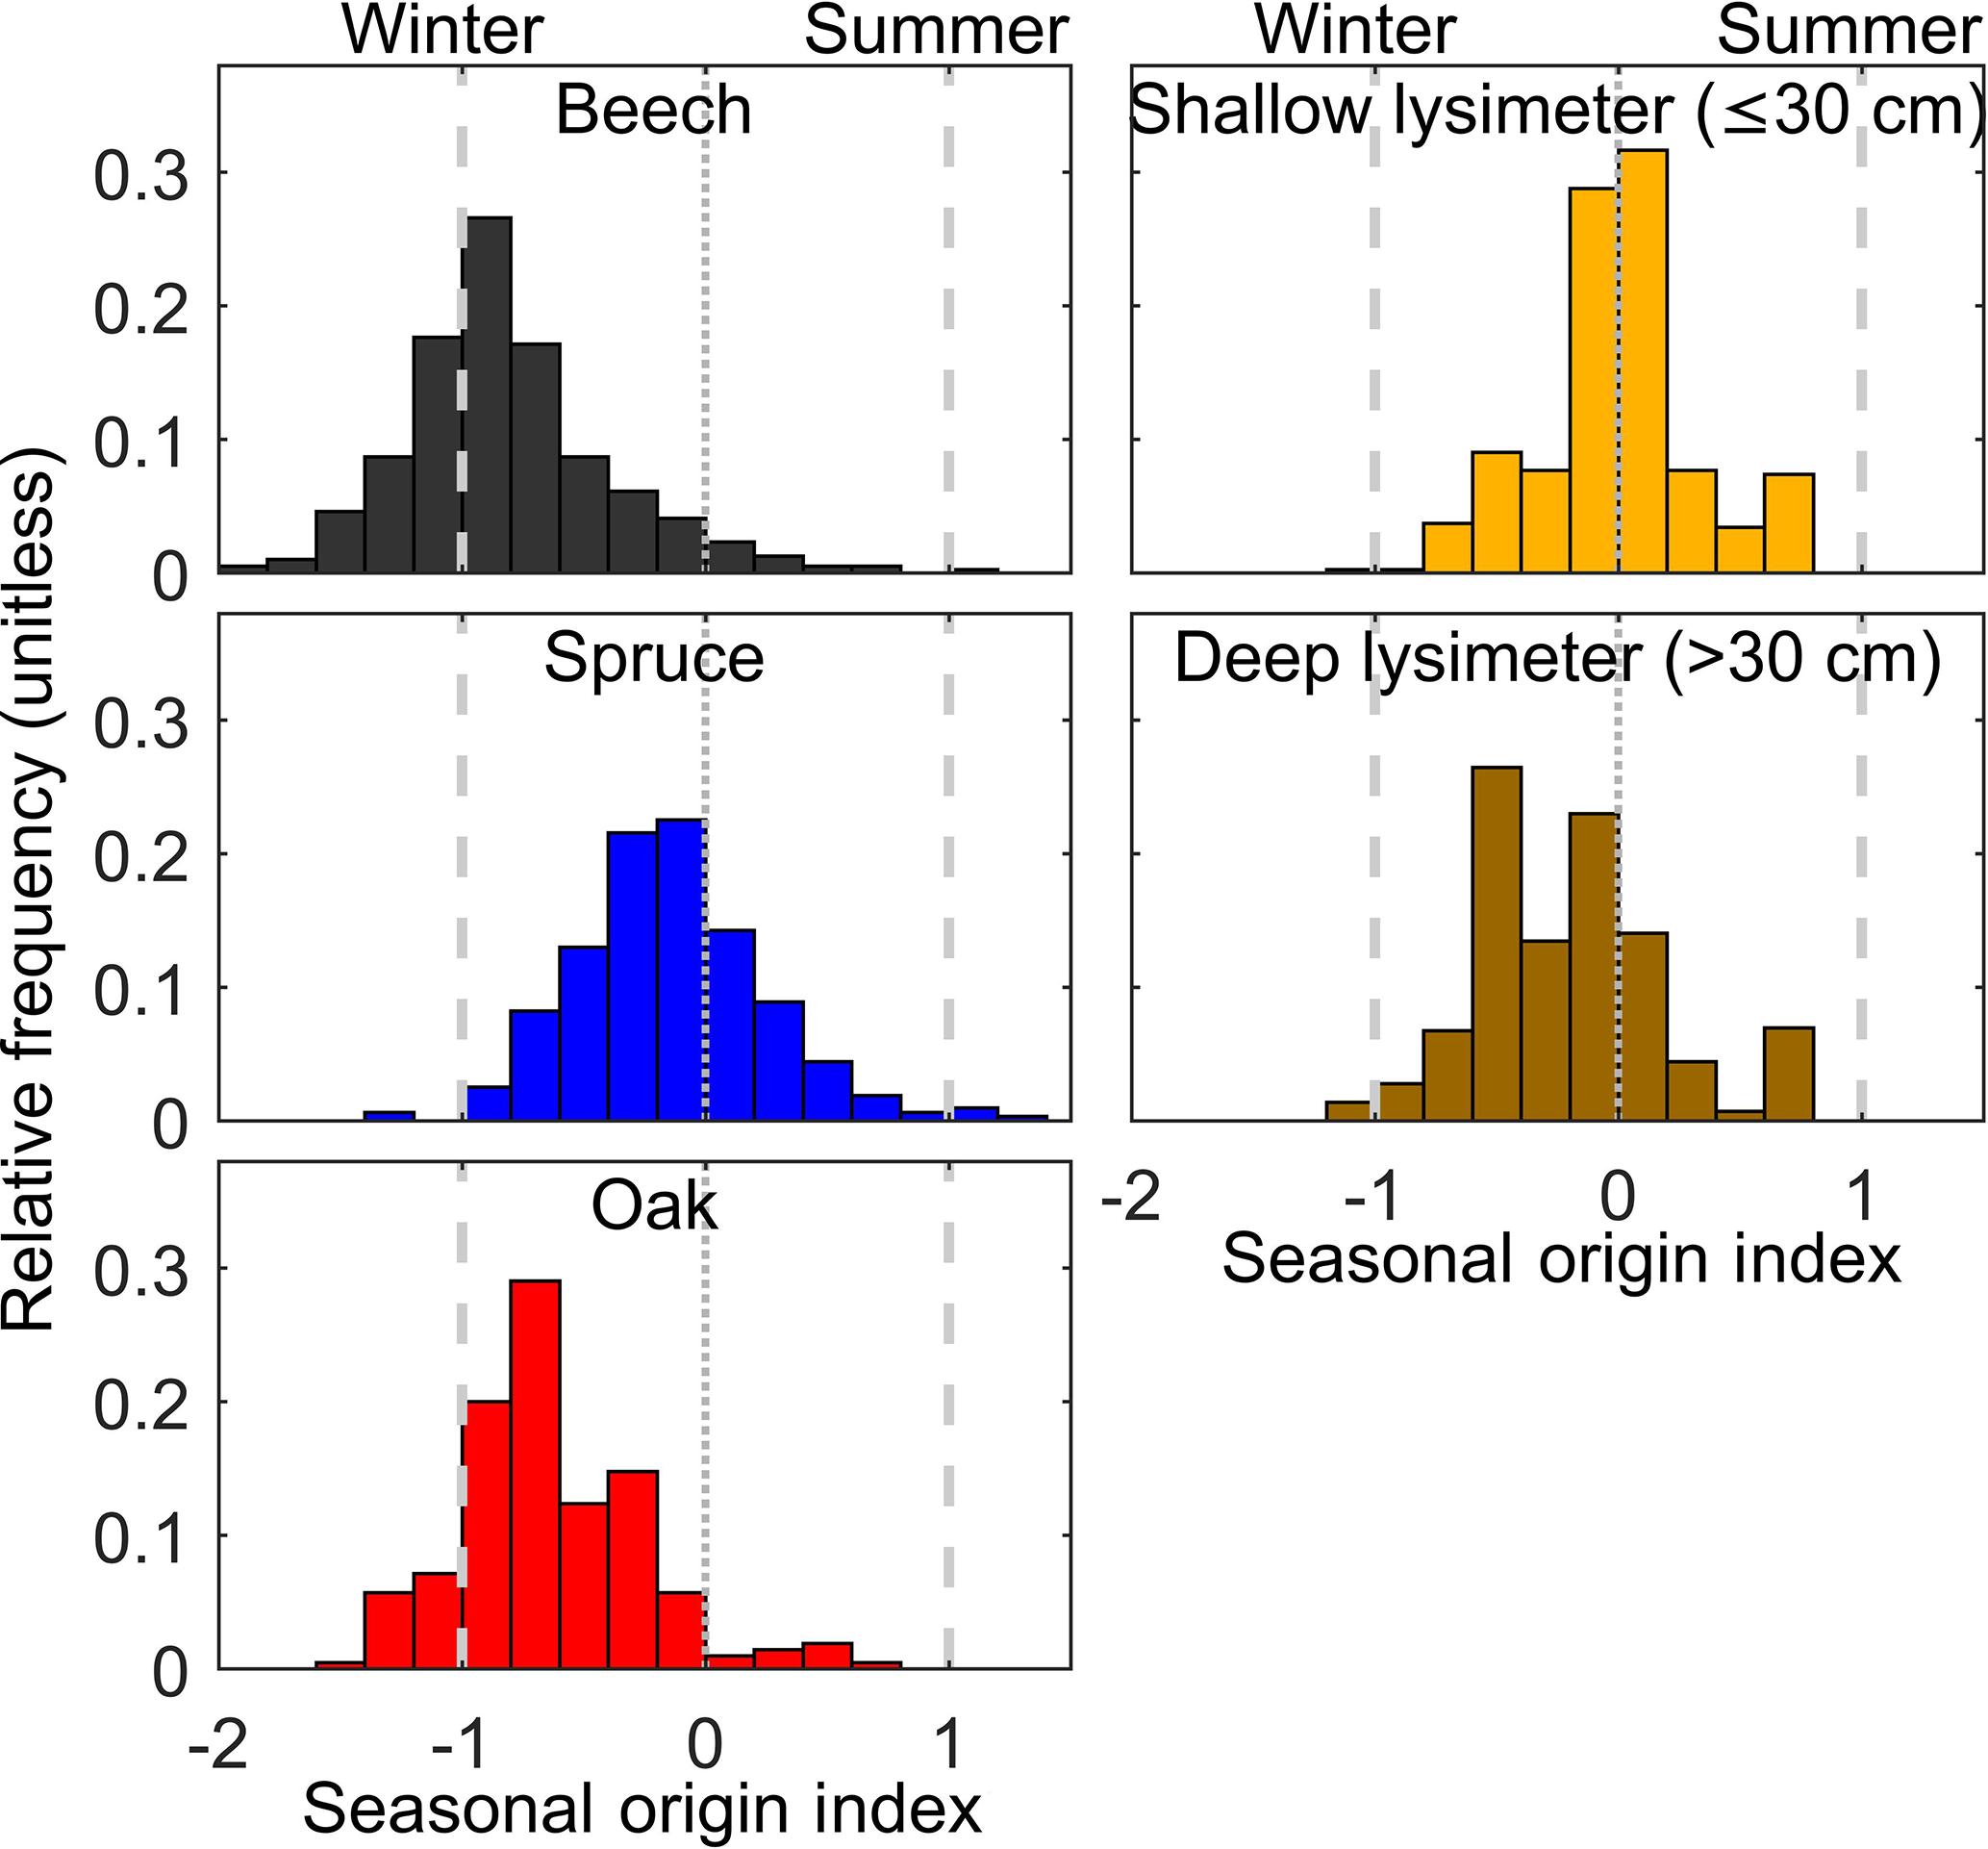 HESS - Seasonal origins of soil water used by trees